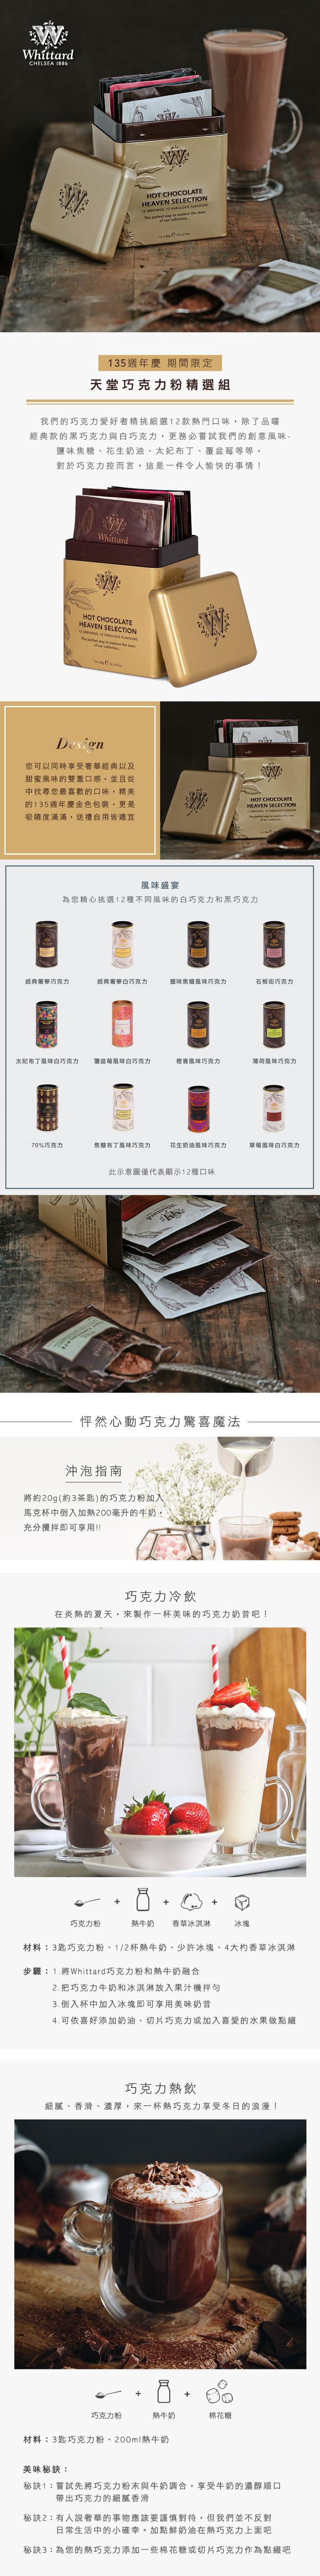 (複製)Whittard 期間限定 櫻桃布朗尼風味巧克力粉